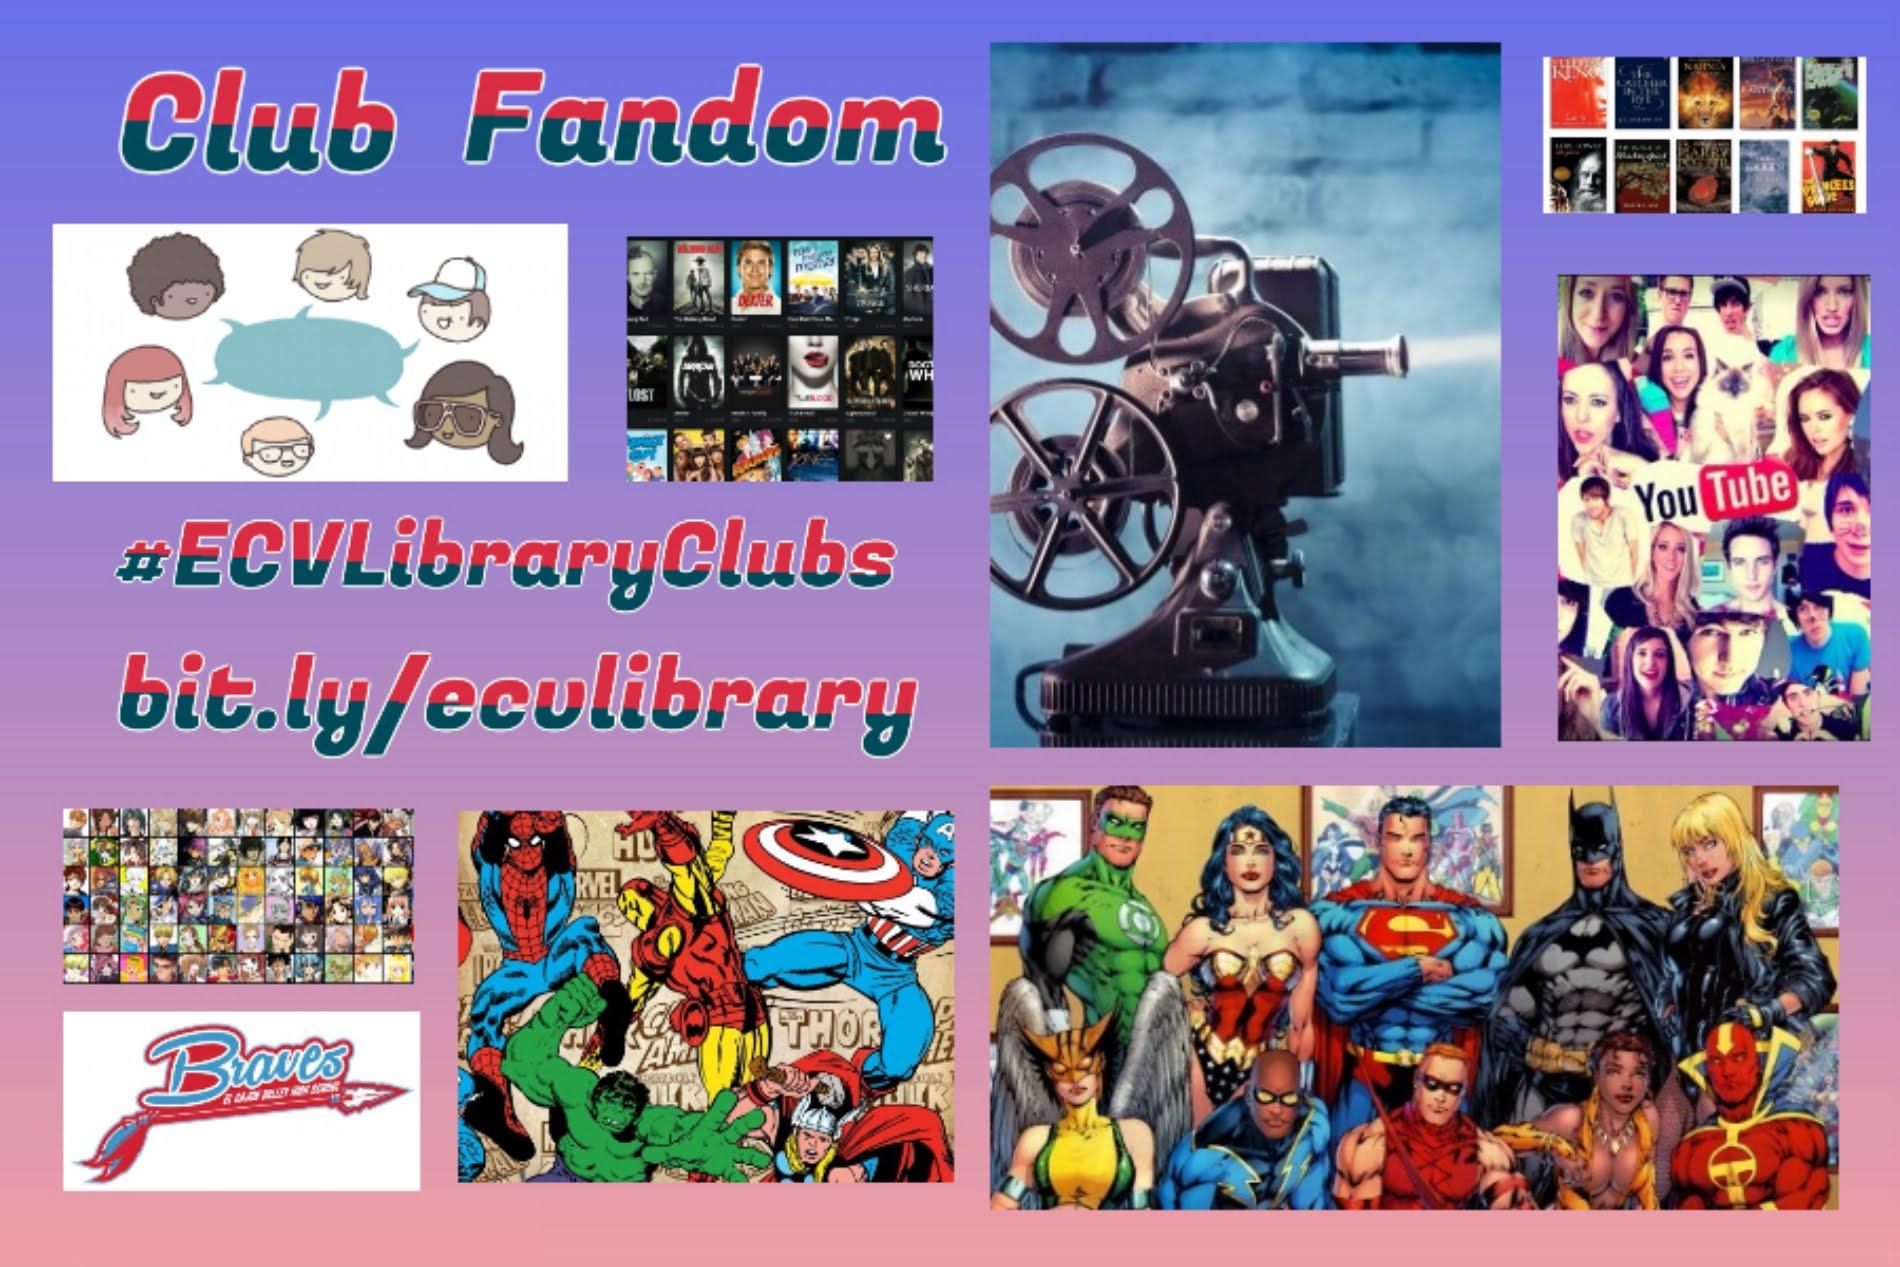 http://ecvhslibrary.weebly.com/club-fandom.html